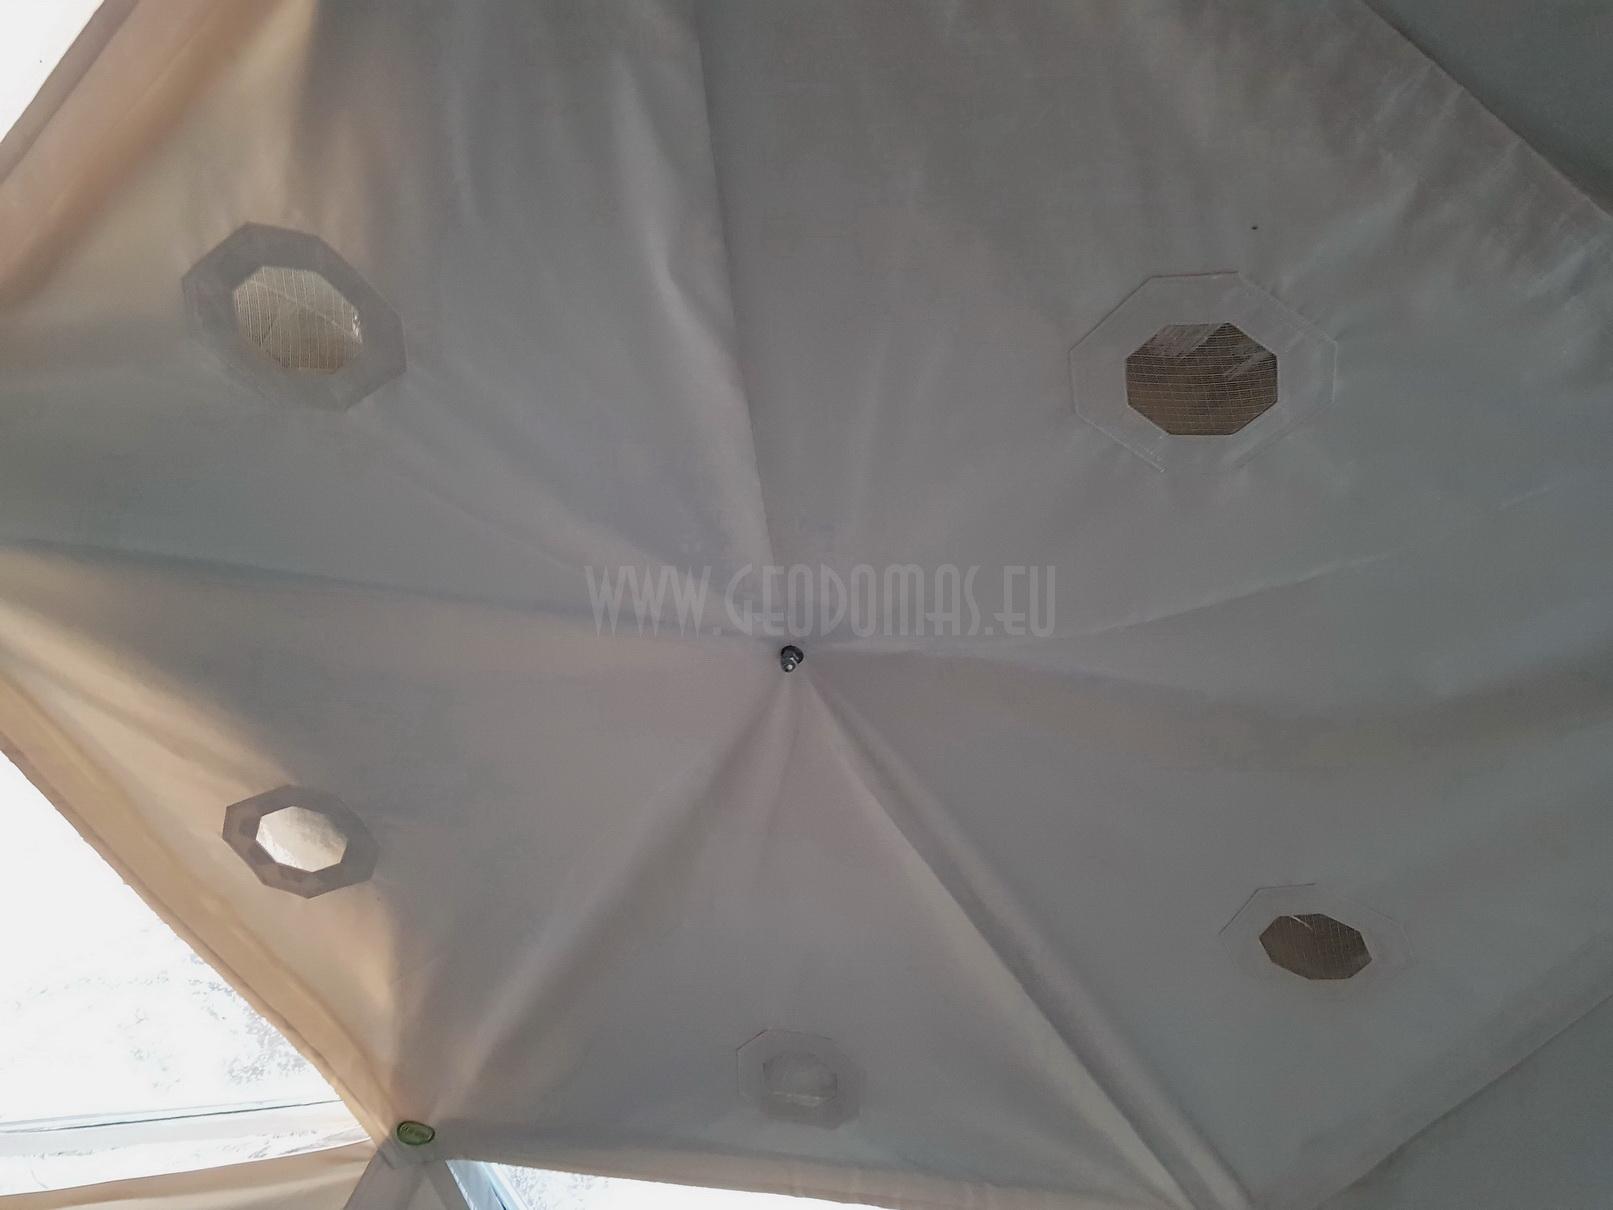 Bungalow Dome 25m2 Ø5m F3 | Poland, Olsztyn